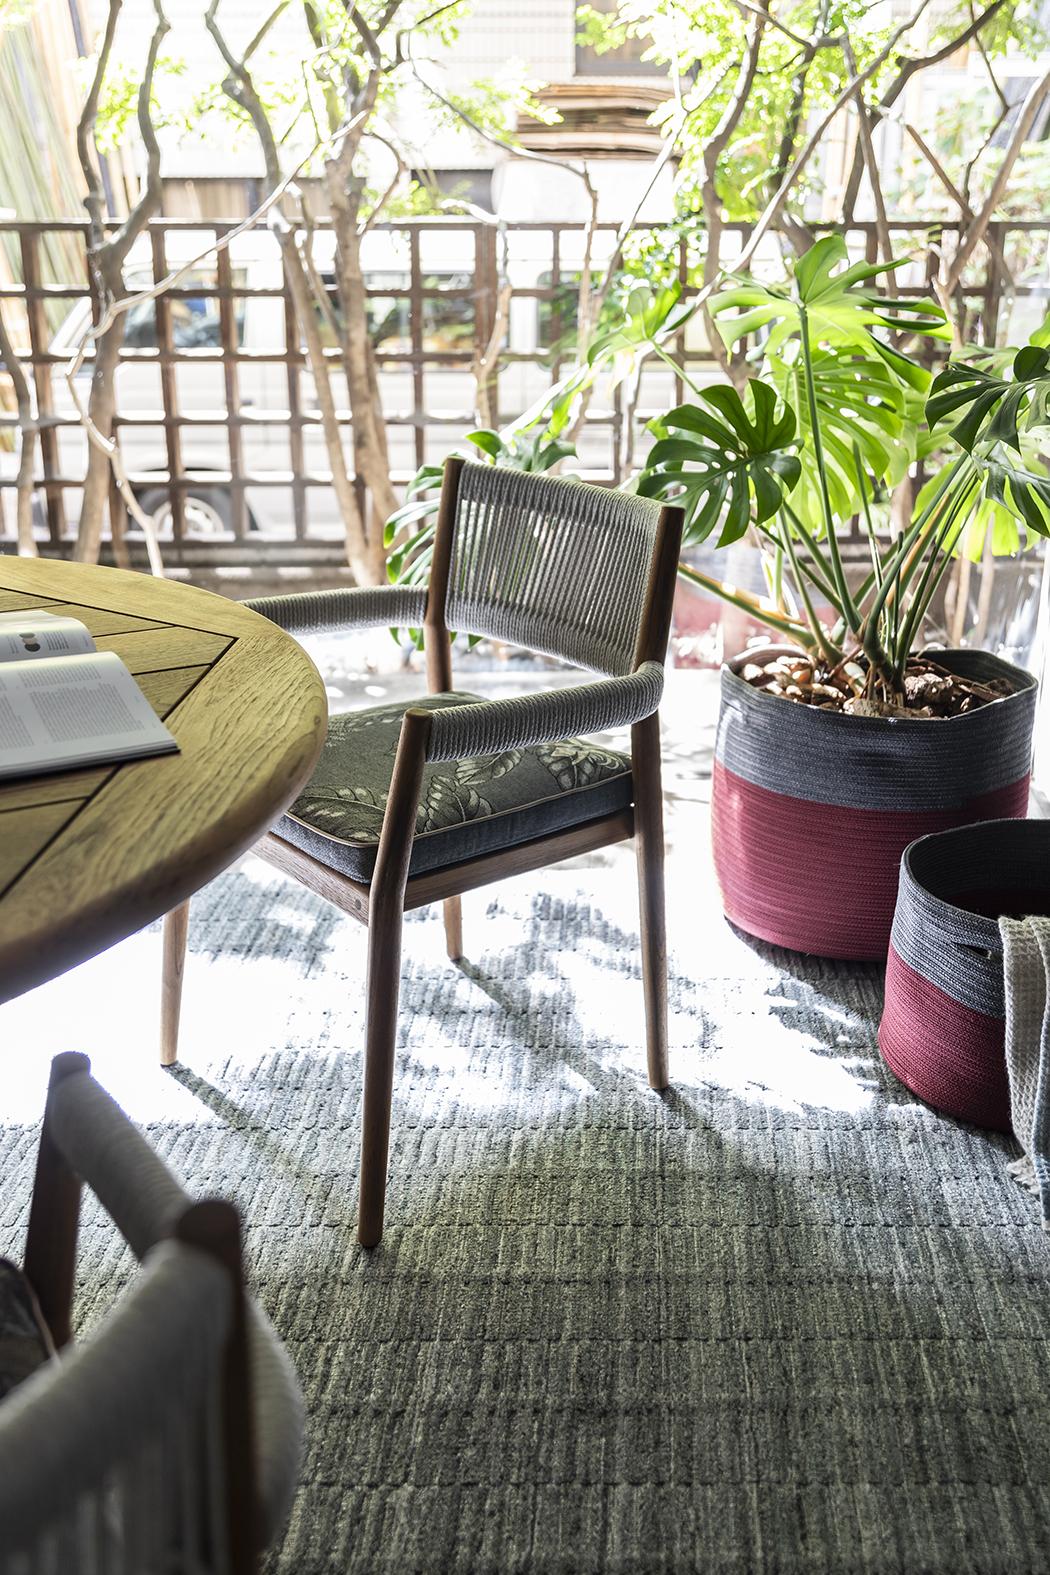 鉢カバー バスケット カッシーナ 観葉植物